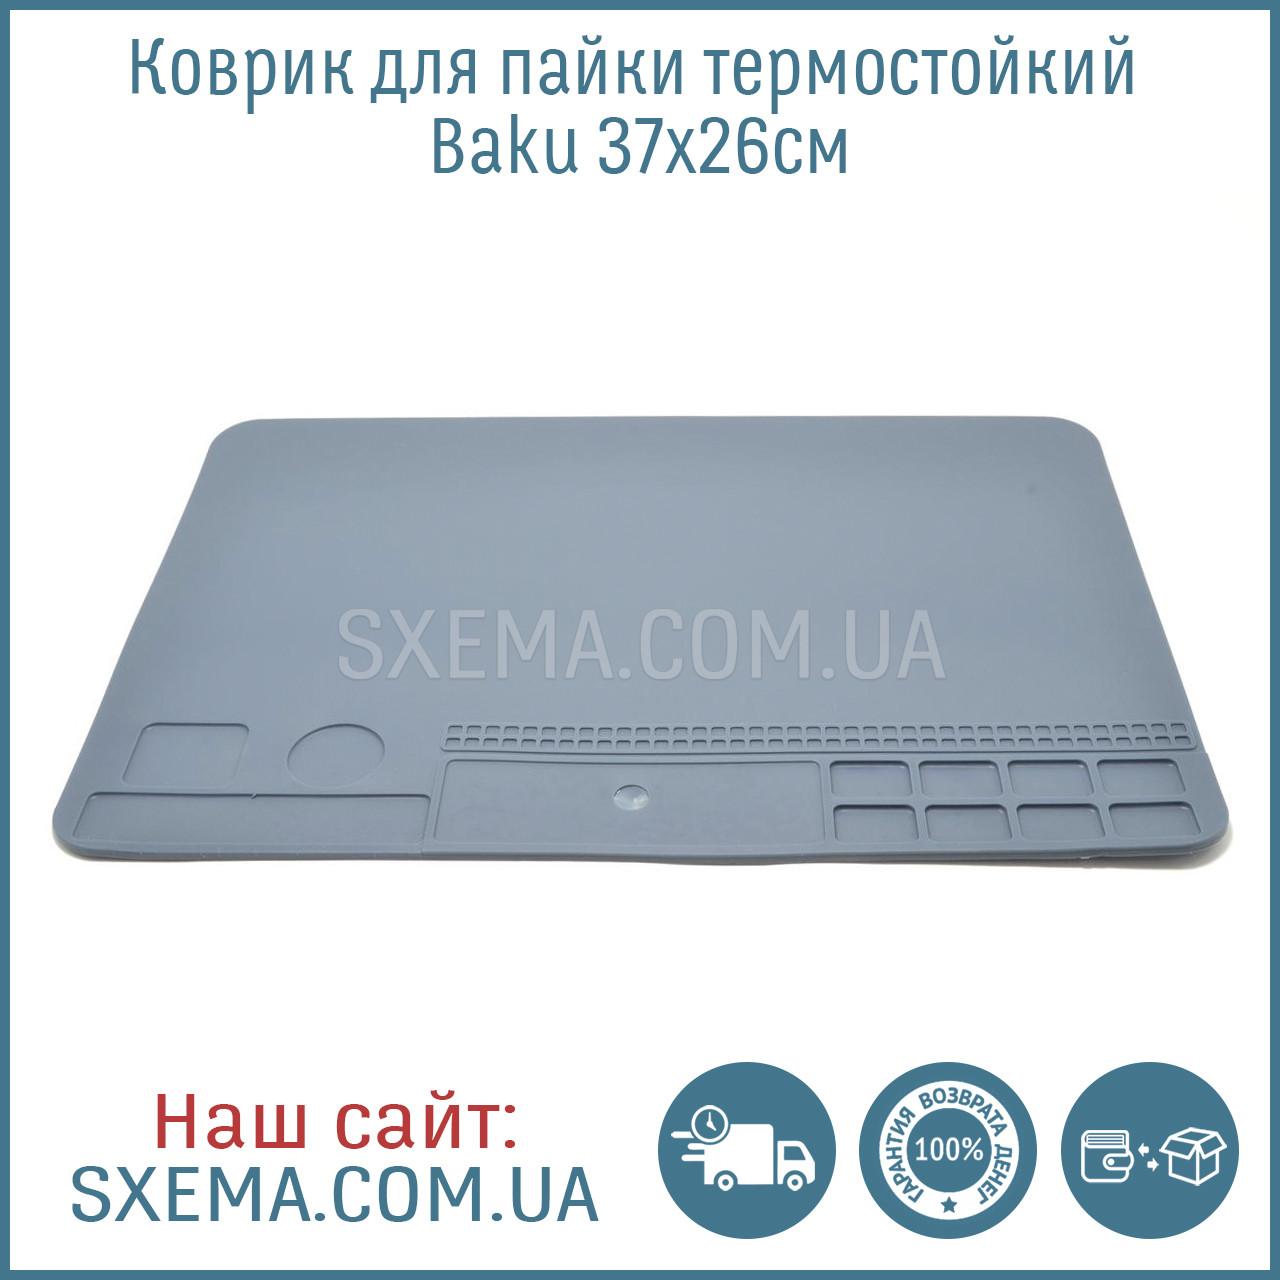 Коврик для пайки силиконовый термостойкий мат Baku 37х26см с ячейками